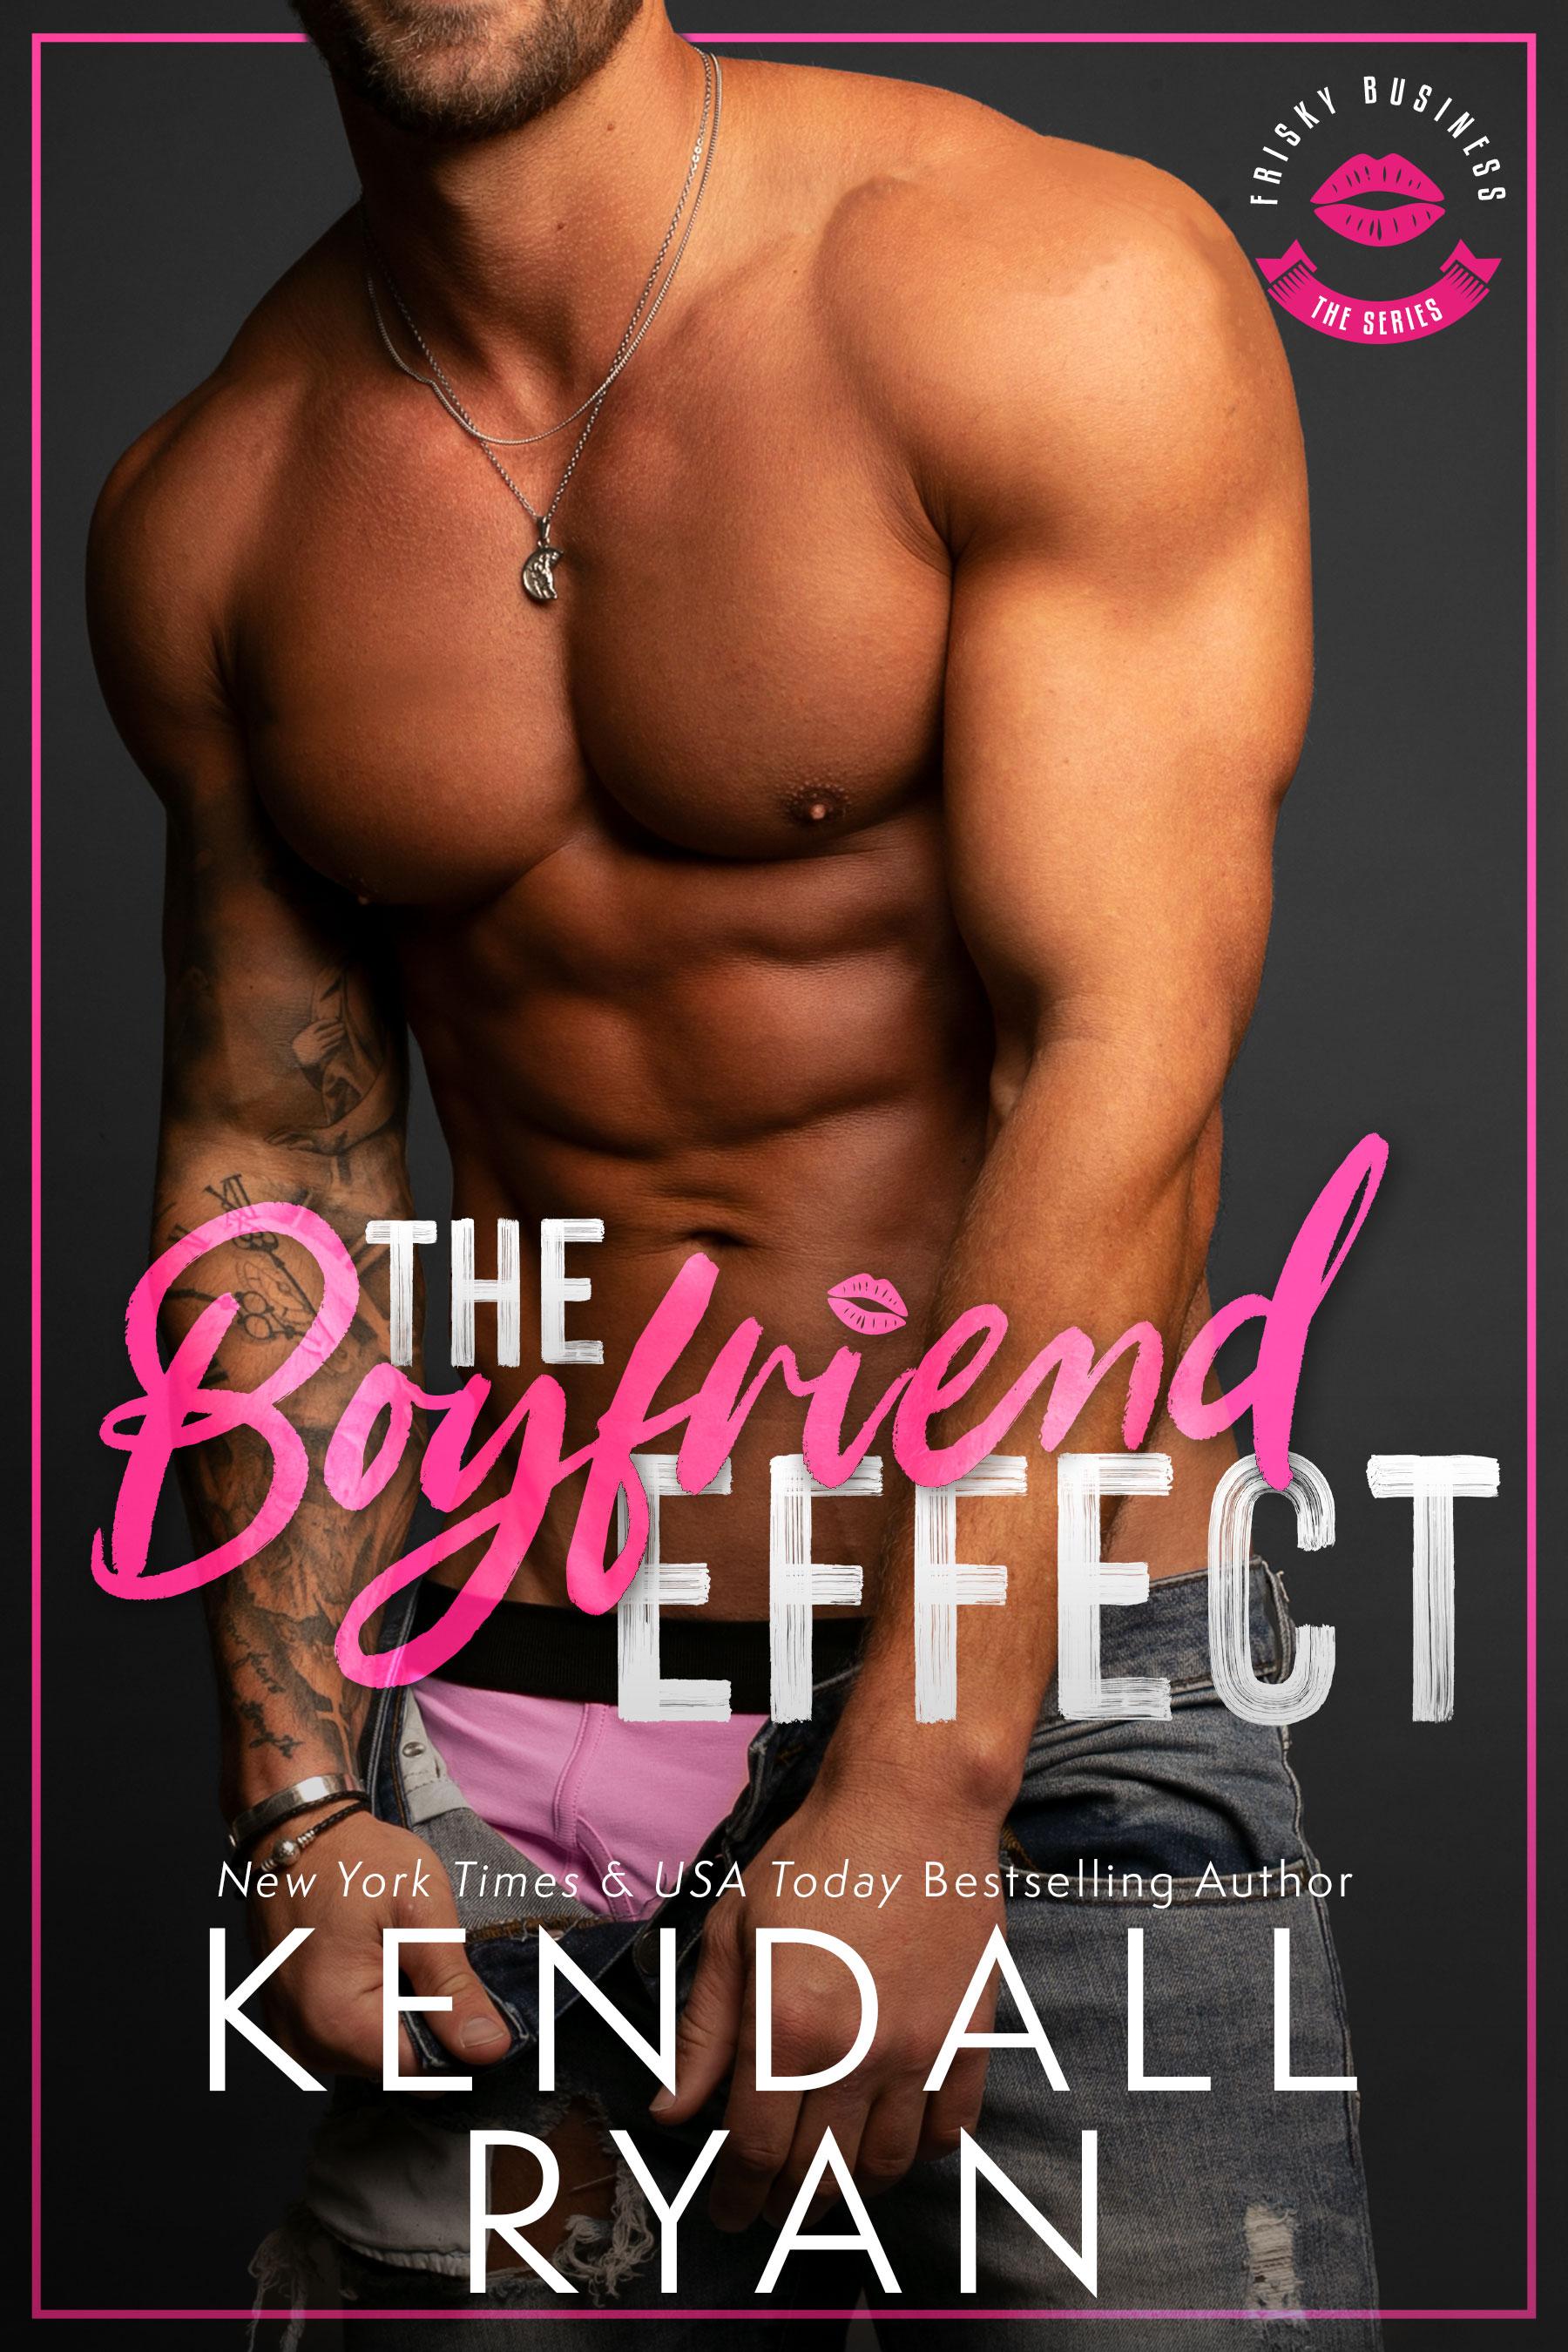 TheBoyfriendEffect-ebook6x9 (1)